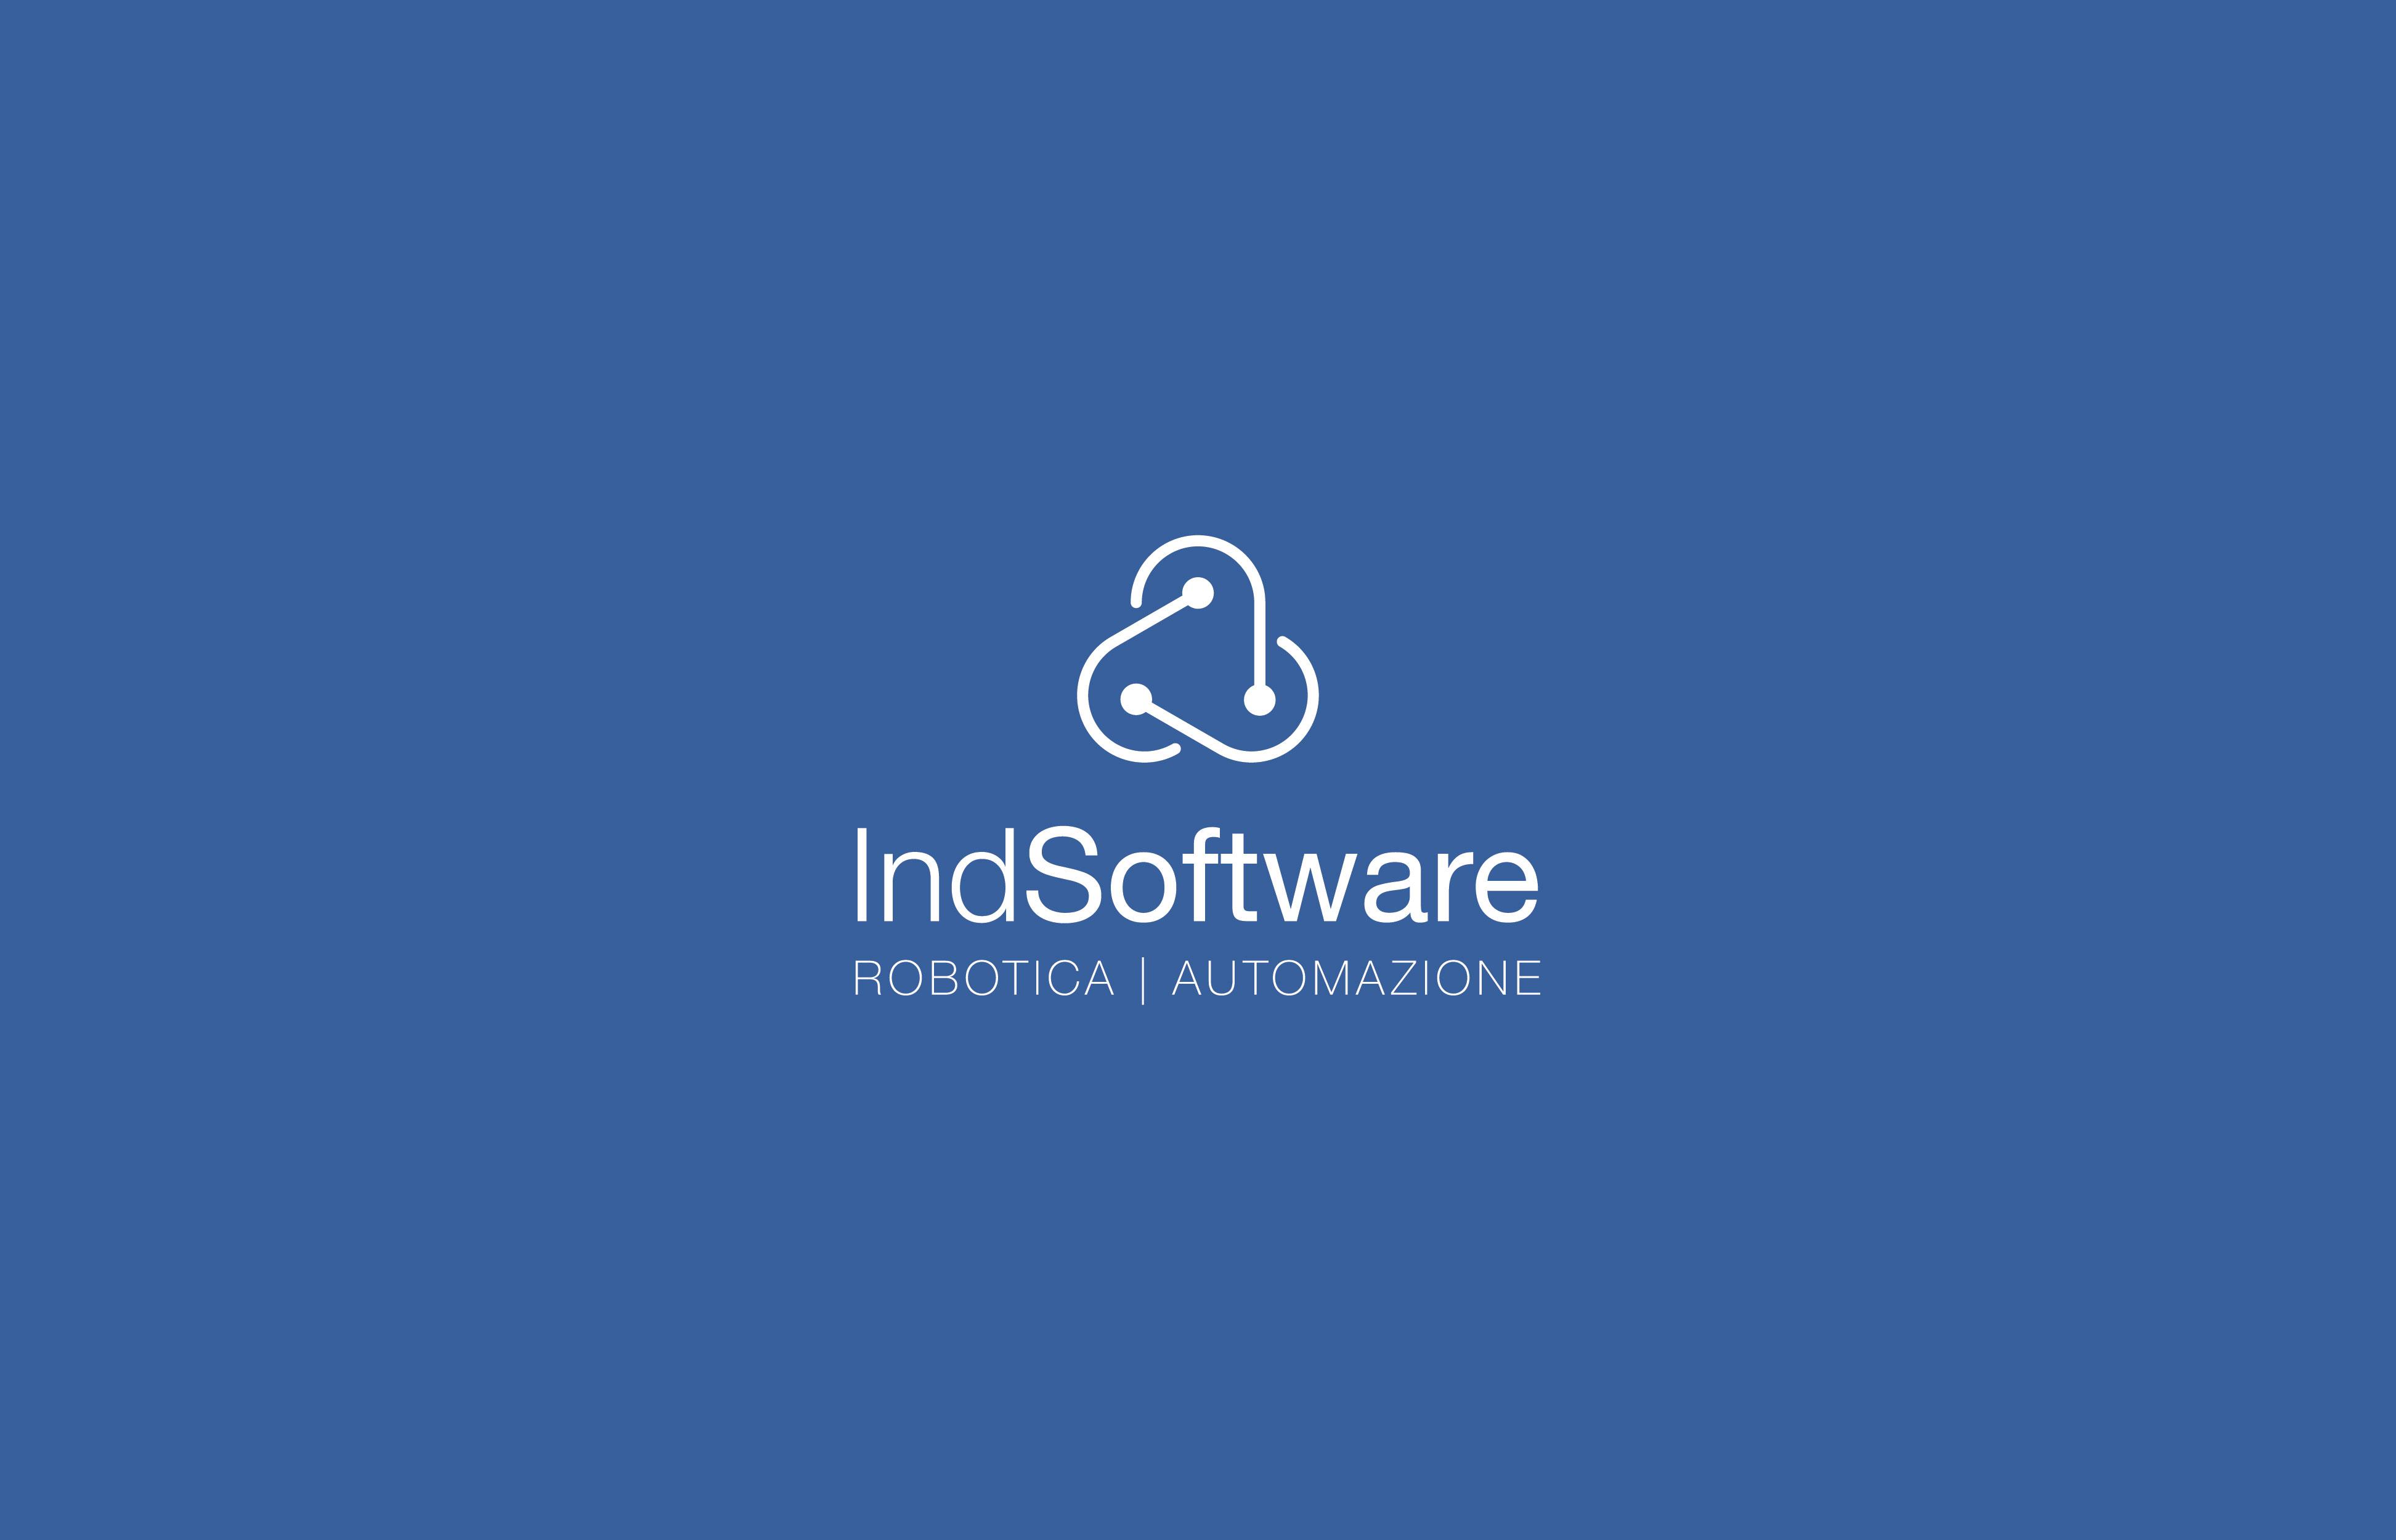 indsoftware-03